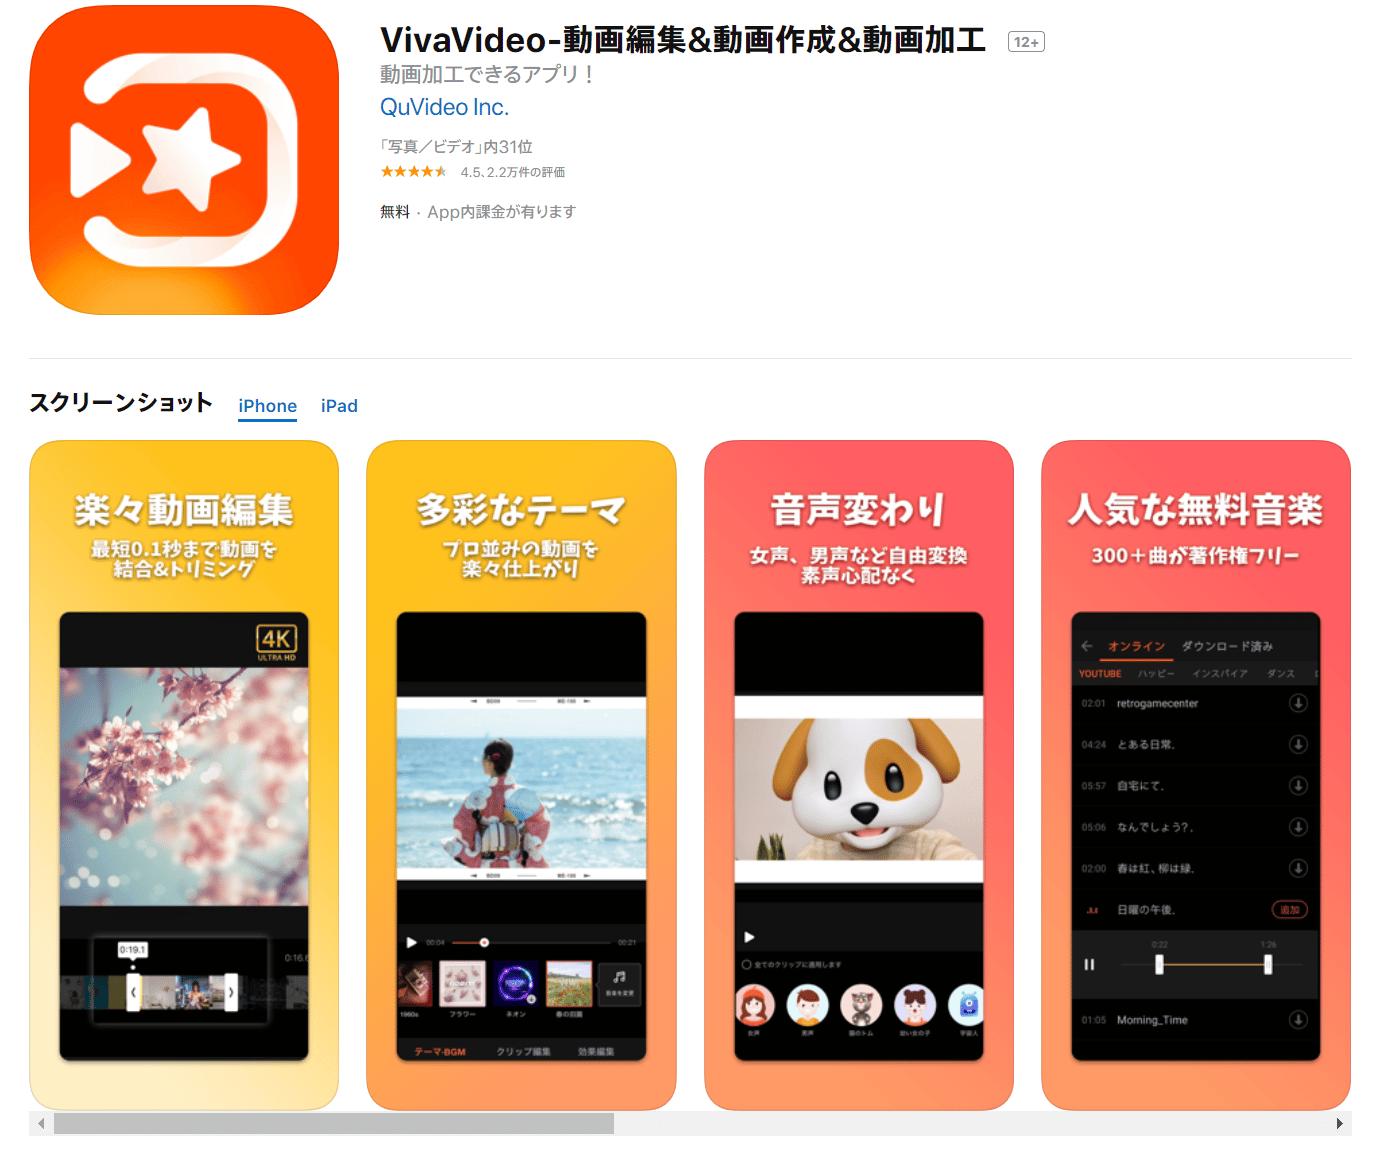 おすすめ動画編集アプリ3位:VivaVideo